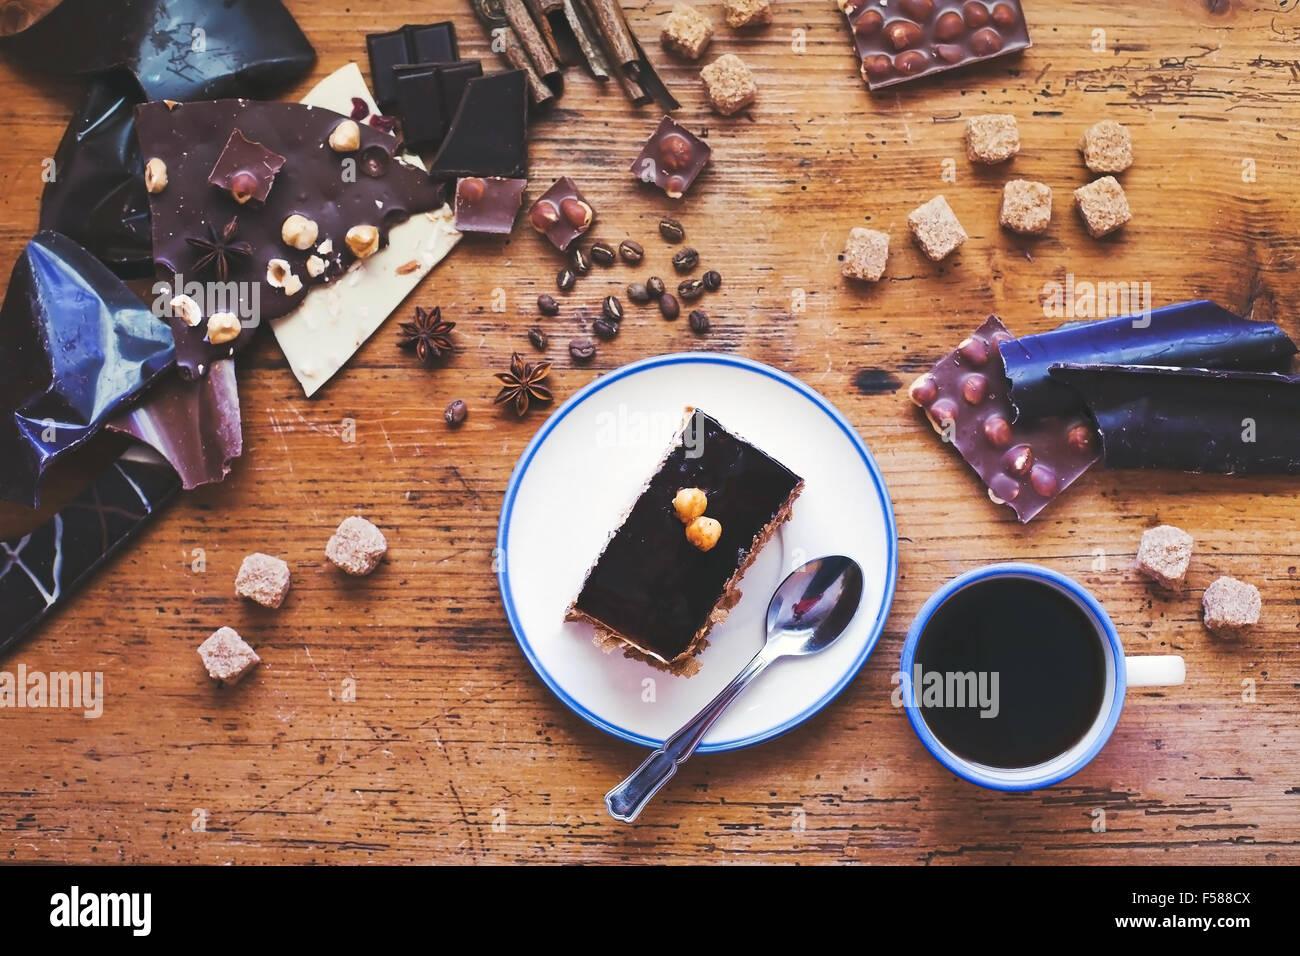 Torta al cioccolato e caffè sul tavolo, dessert Immagini Stock